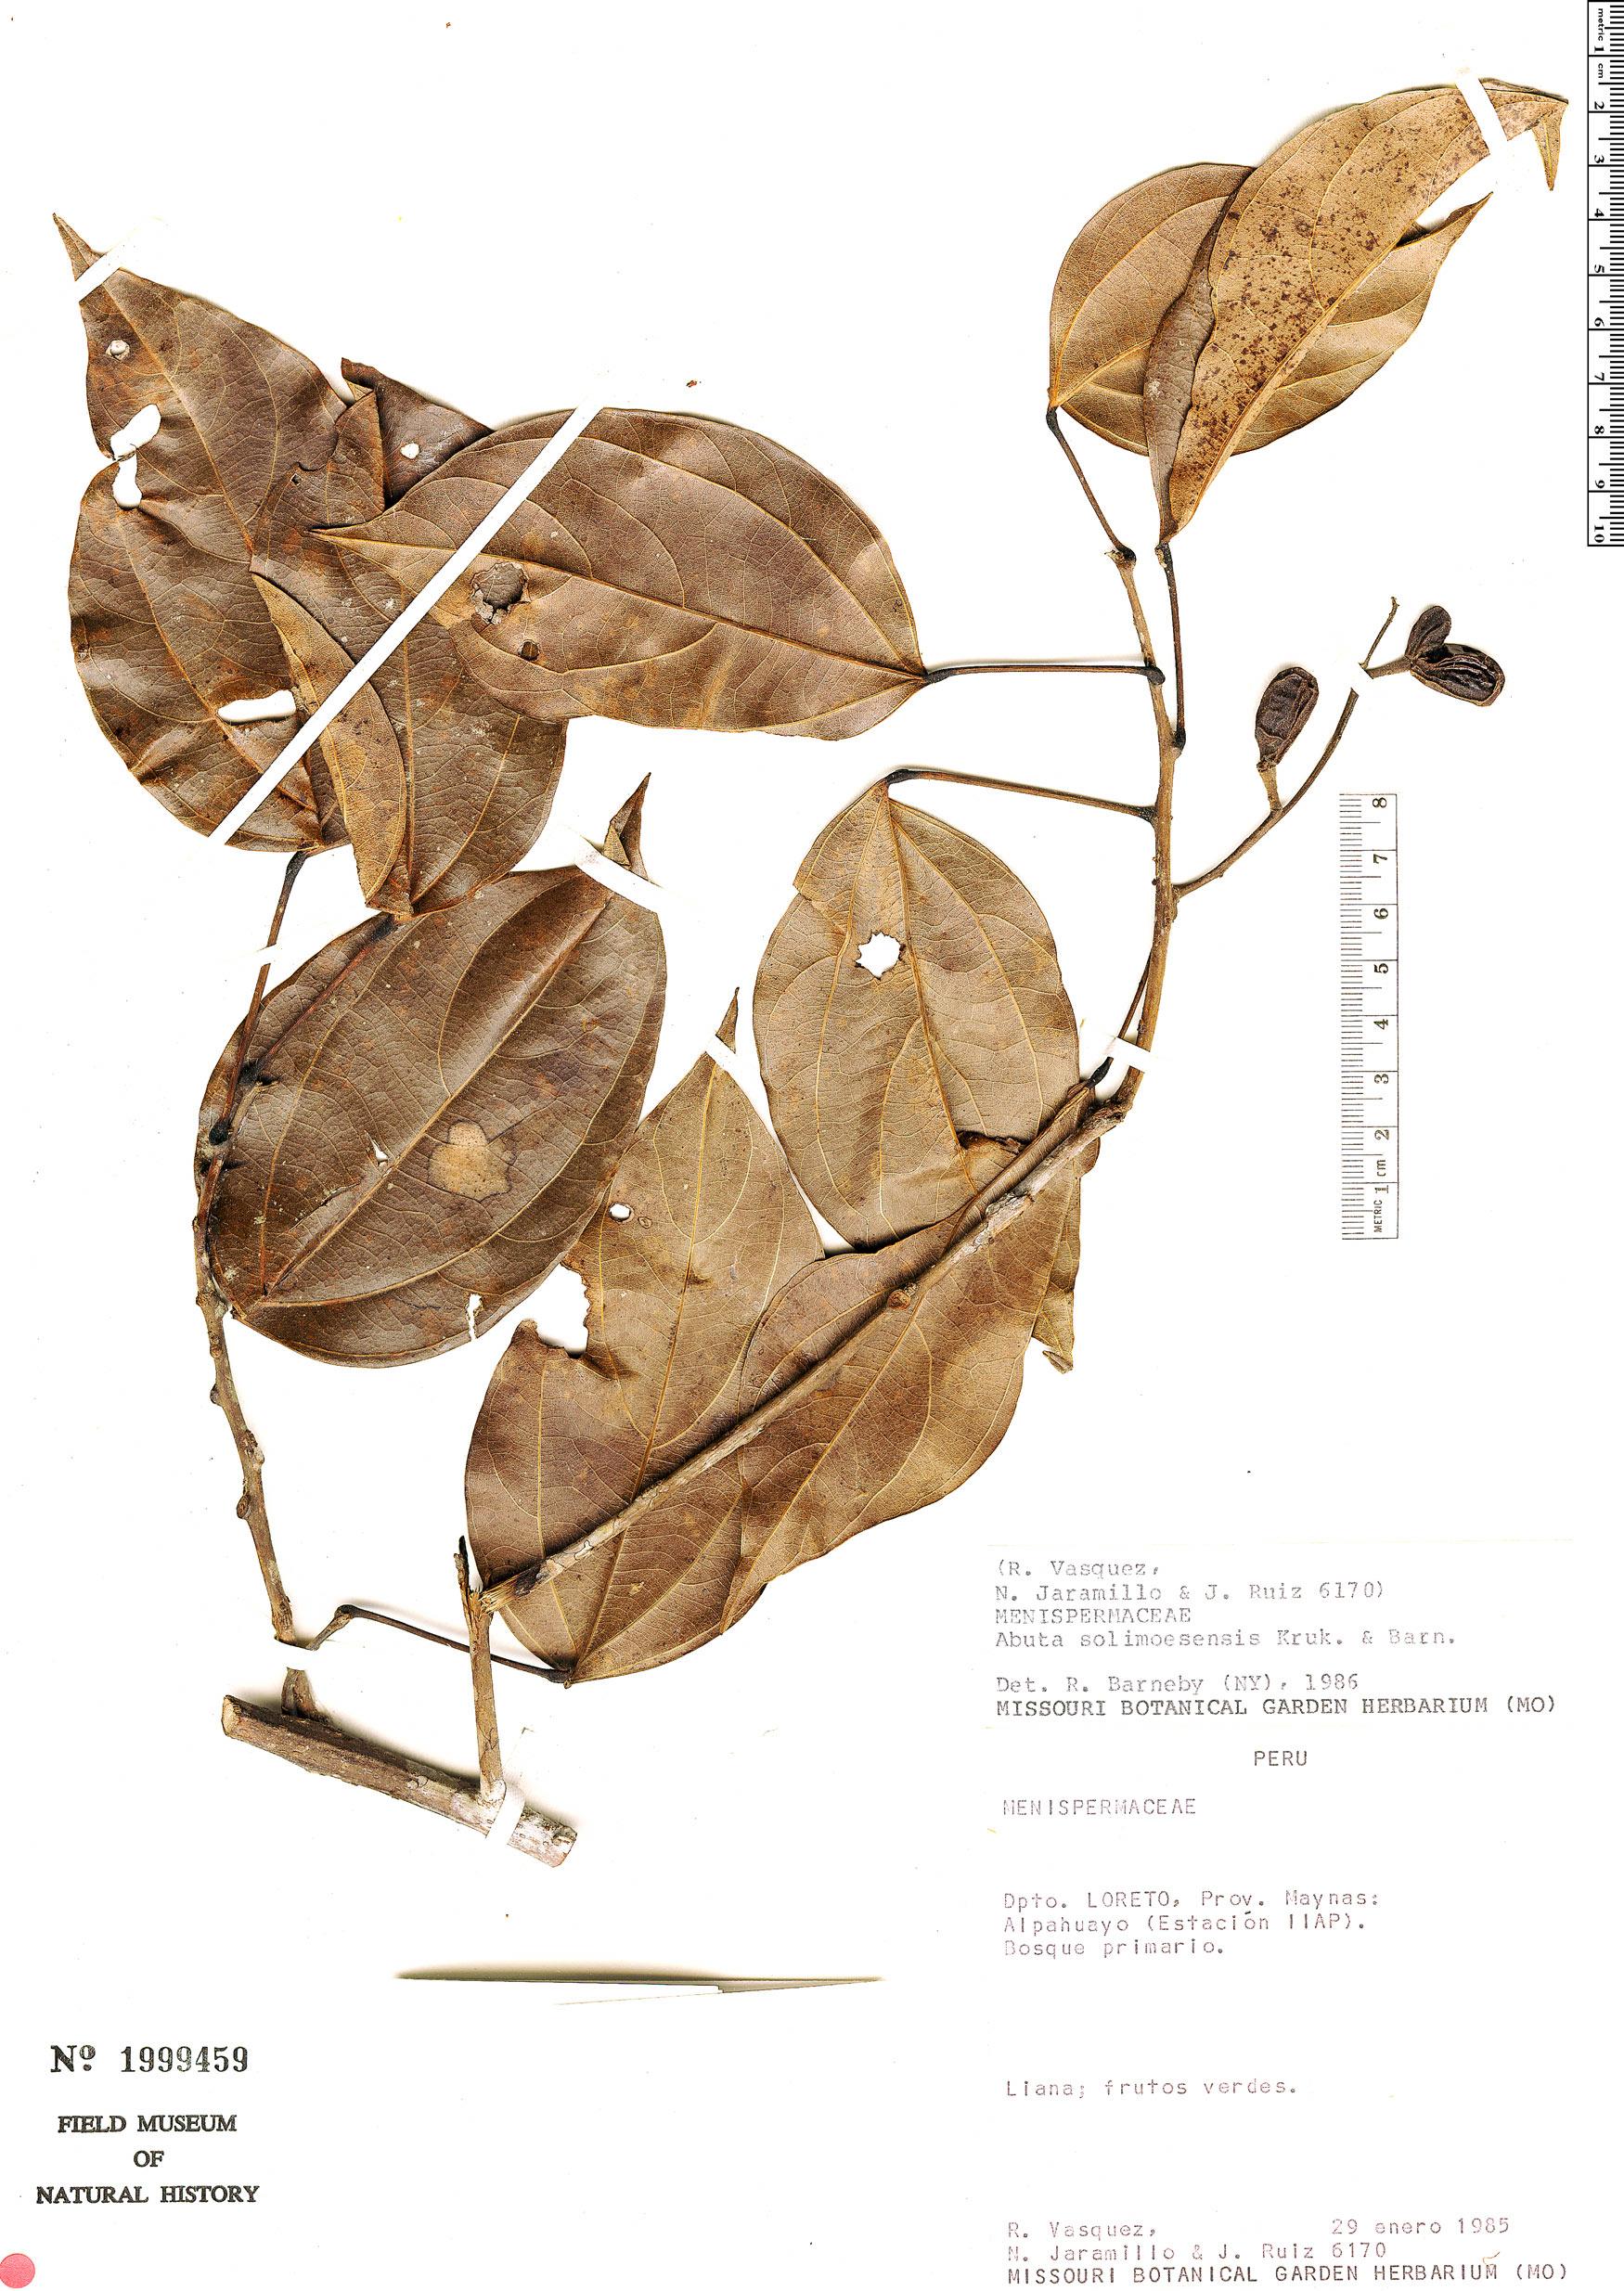 Specimen: Abuta solimoesensis